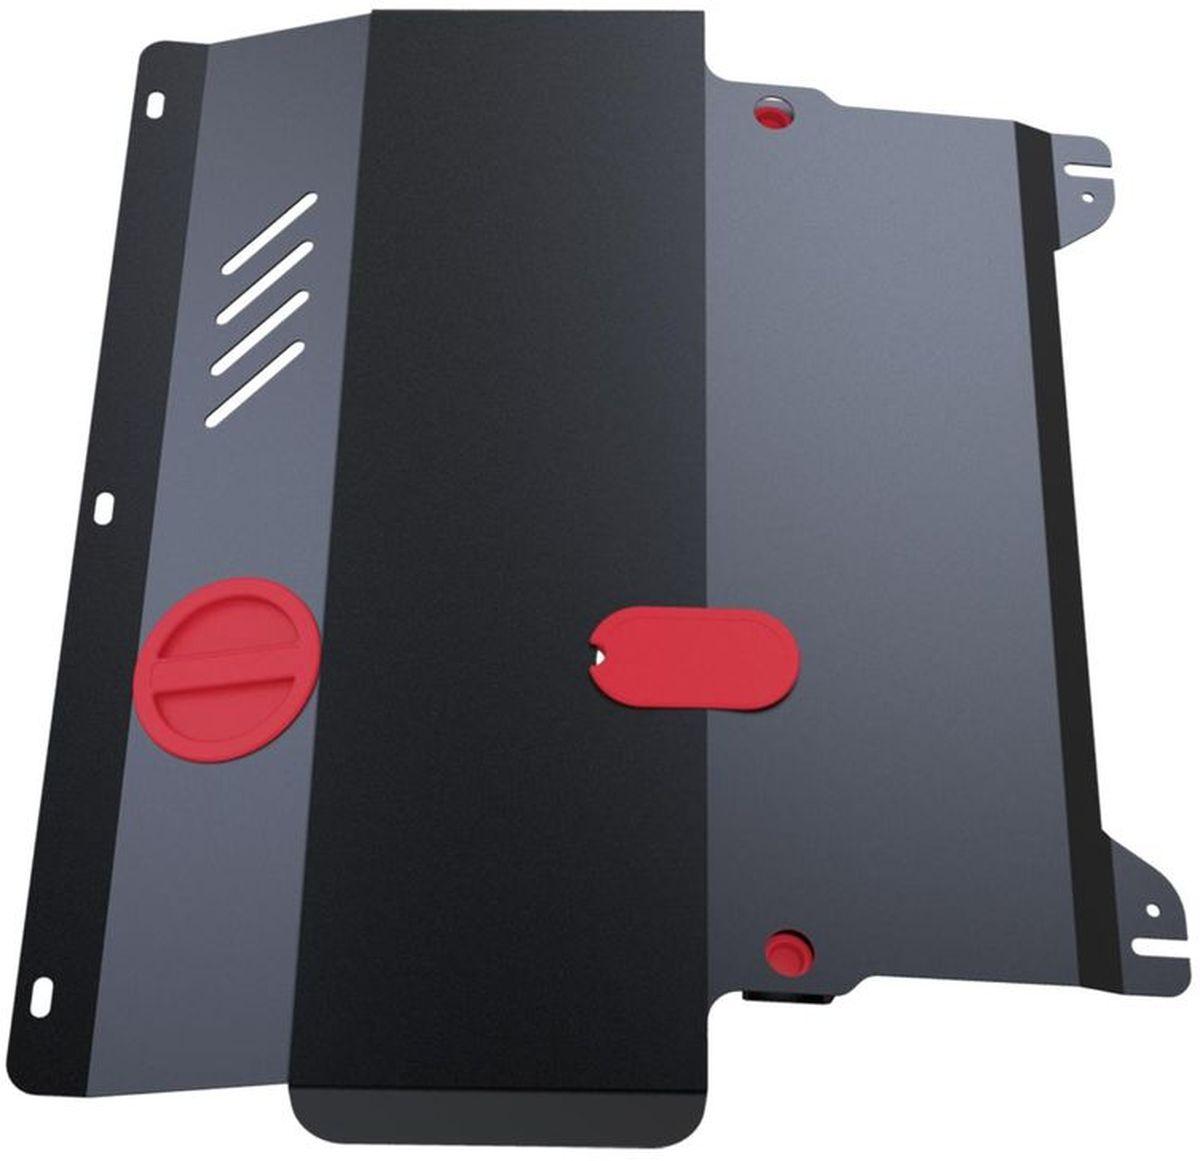 Защита картера и КПП Автоброня, для Toyota Camry, V - 2.4; 3.0 (2001-2005)111.05734.1Технологически совершенный продукт за невысокую стоимость. Защита разработана с учетом особенностей днища автомобиля, что позволяет сохранить дорожный просвет с минимальным изменением. Защита устанавливается в штатные места кузова автомобиля. Глубокий штамп обеспечивает до двух раз больше жесткости в сравнении с обычной защитой той же толщины. Проштампованные ребра жесткости препятствуют деформации защиты при ударах. Тепловой зазор и вентиляционные отверстия обеспечивают сохранение температурного режима двигателя в норме. Скрытый крепеж предотвращает срыв крепежных элементов при наезде на препятствие. Шумопоглощающие резиновые элементы обеспечивают комфортную езду без вибраций и скрежета металла, а съемные лючки для слива масла и замены фильтра - экономию средств и время. Конструкция изделия не влияет на пассивную безопасность автомобиля (при ударе защита не воздействует на деформационные зоны кузова). Со штатным крепежом. В комплекте инструкция по установке....